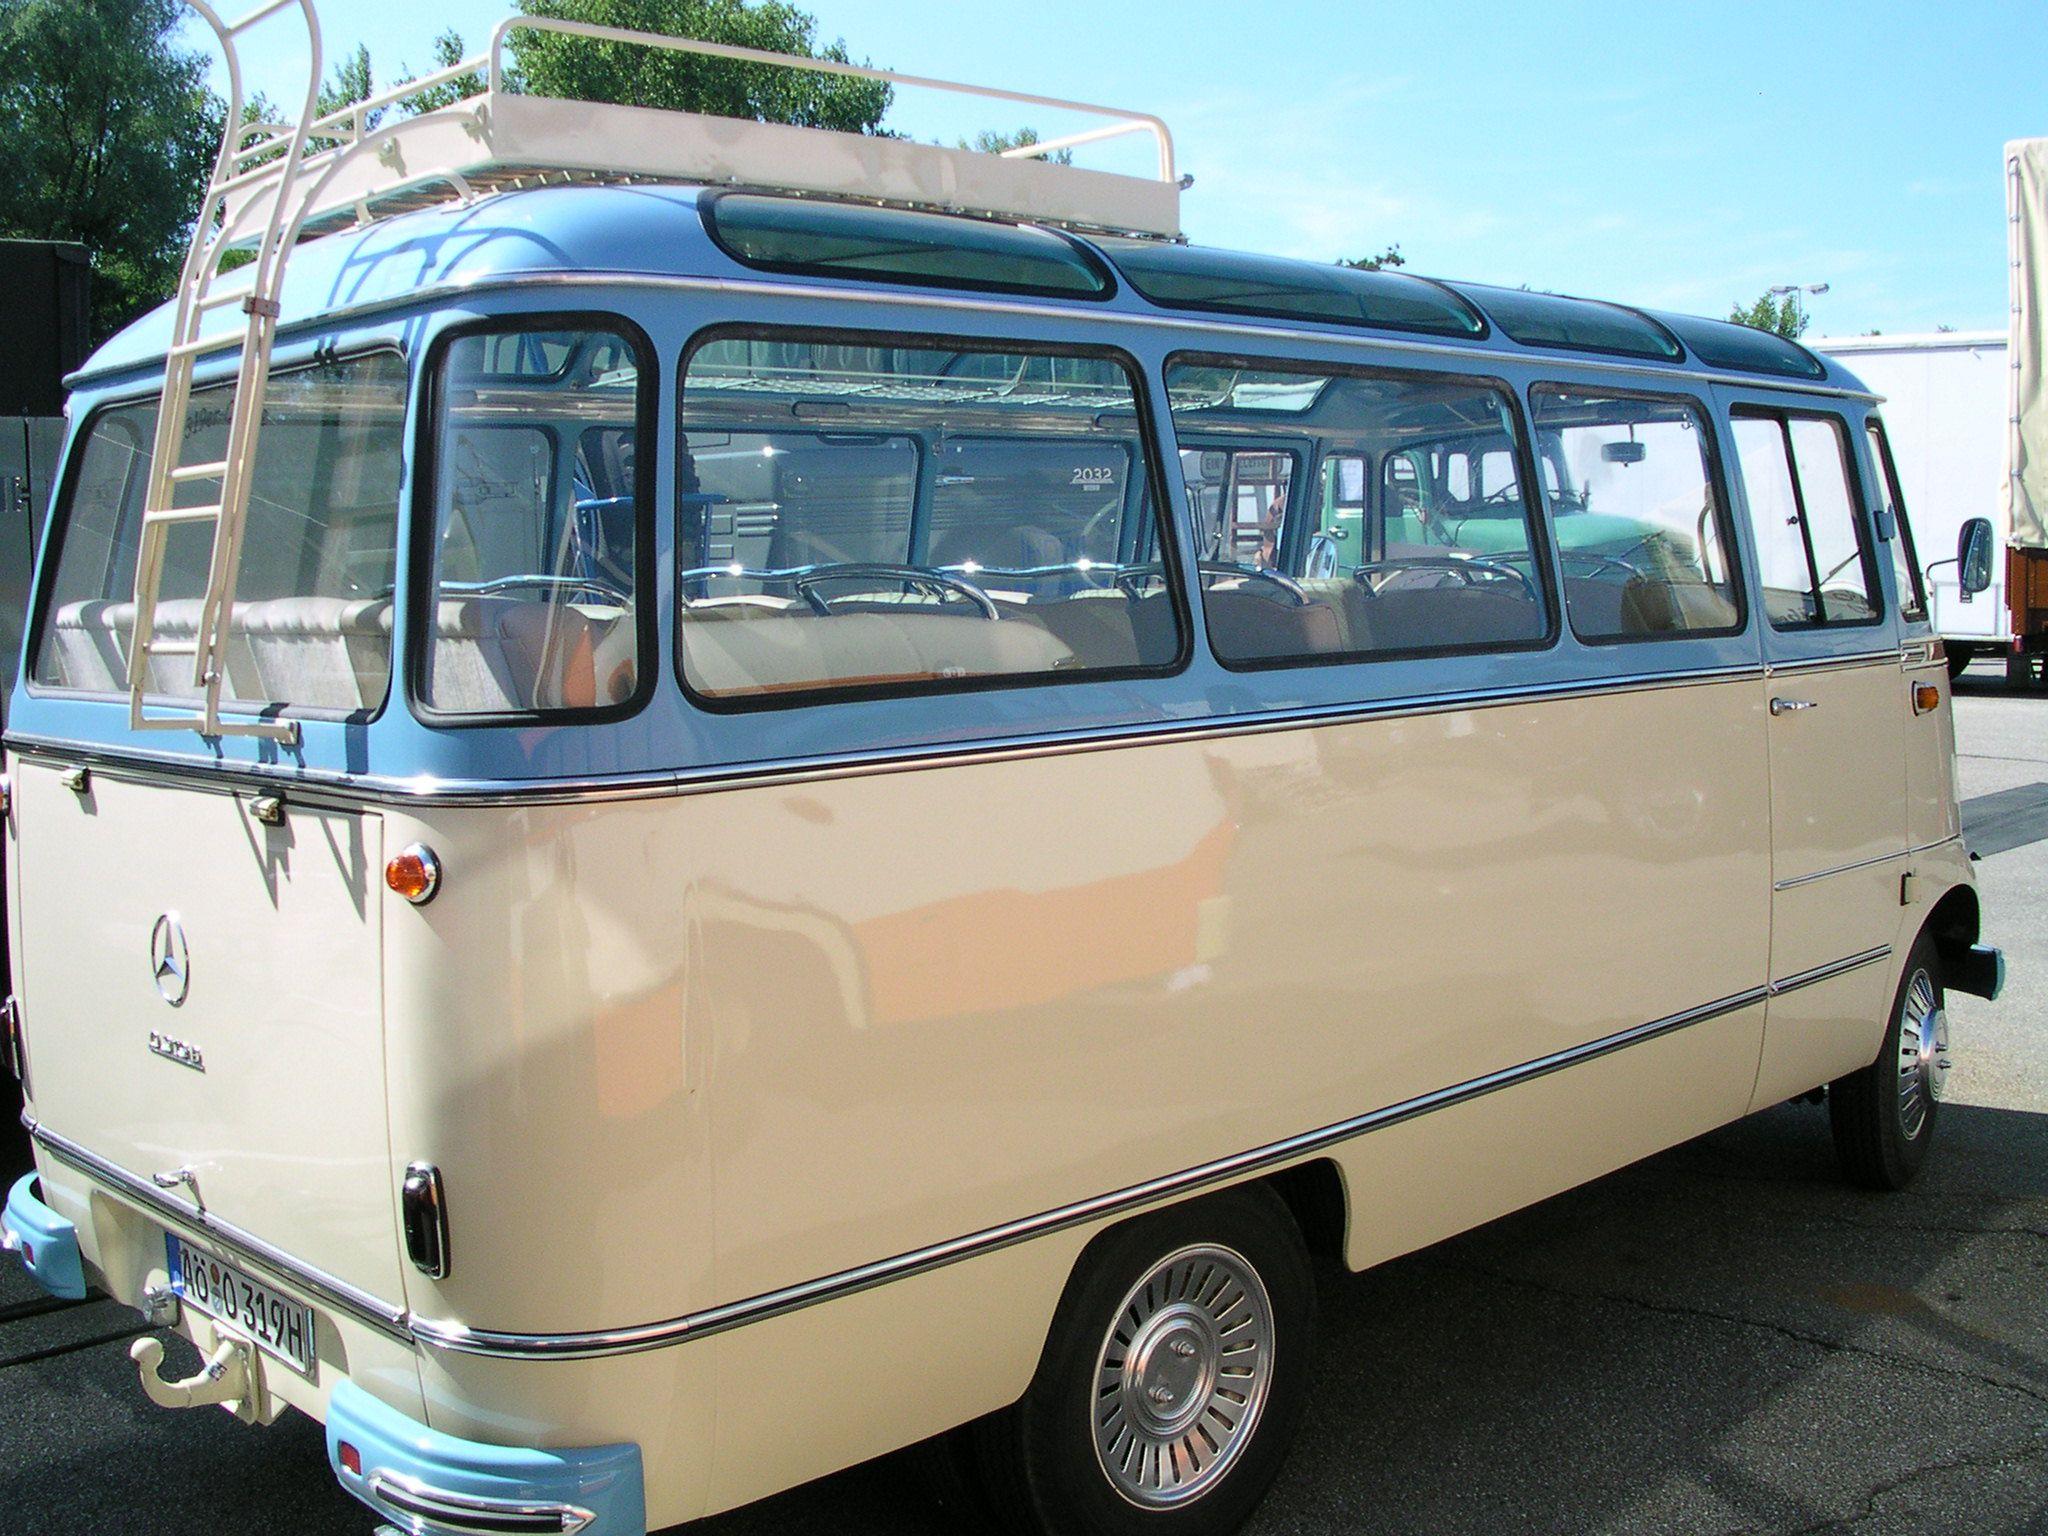 1971 mercedes benz o302 bus daimler ag de auto mercedes benz de - Mercedes Benz O 319 Panoramabus